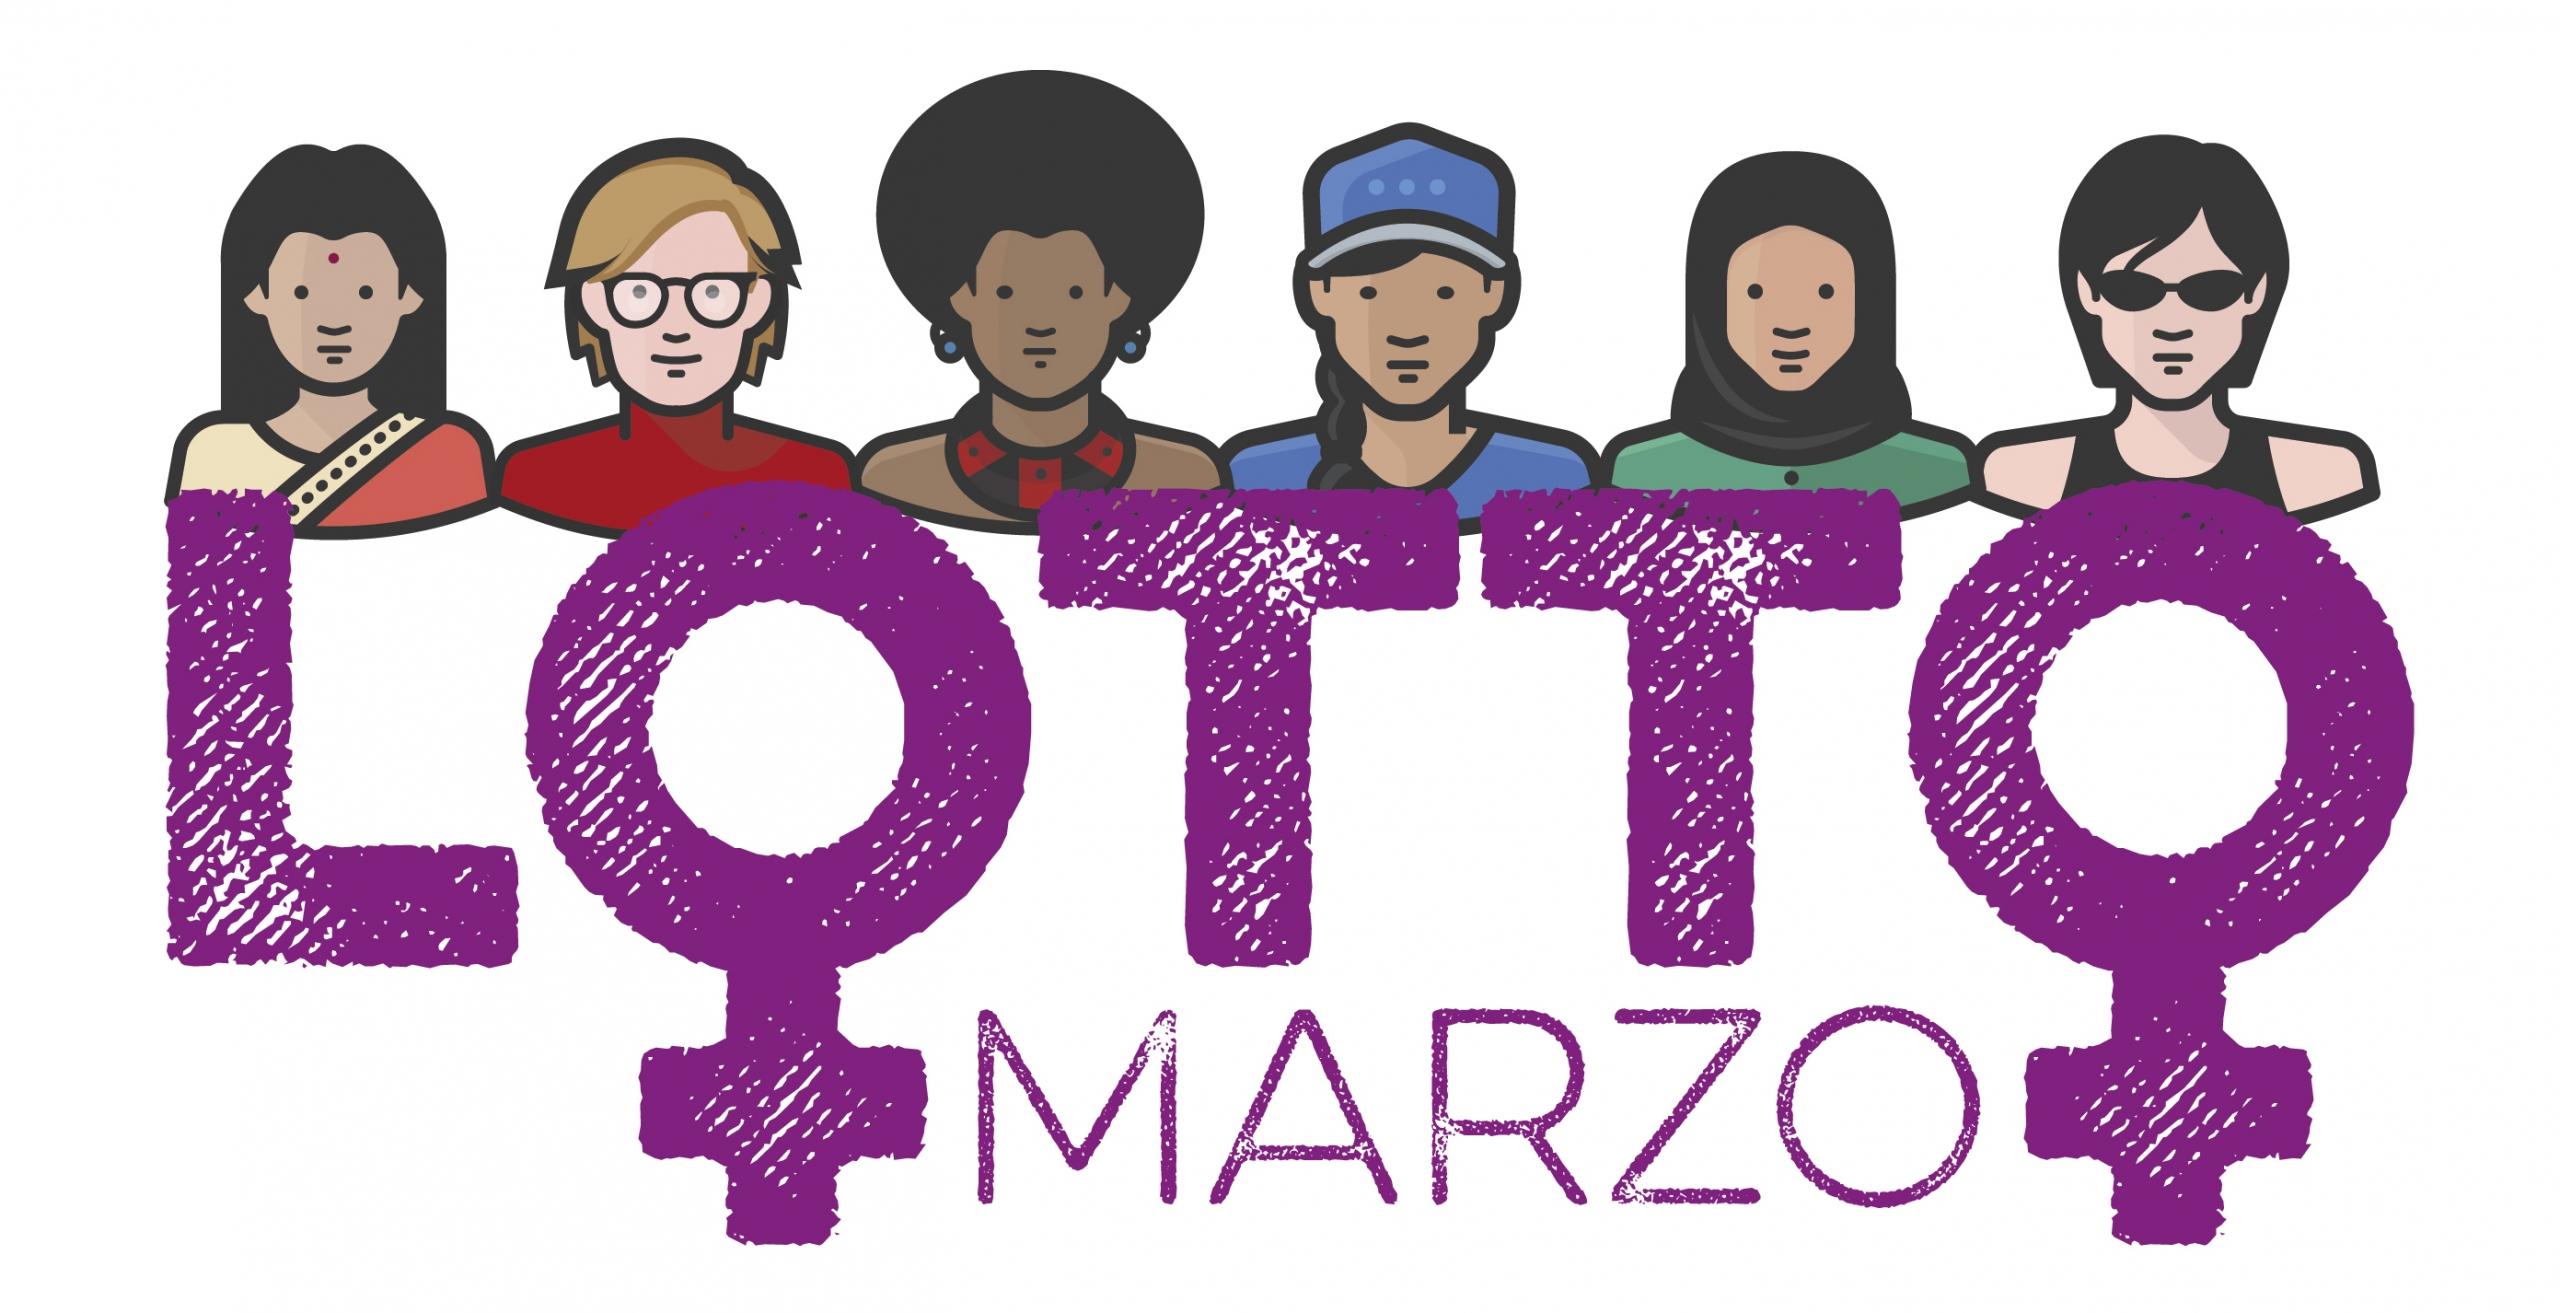 Martedì 8 Settembre: incontro con la Rete Lotto Marzo delle donne di Imola